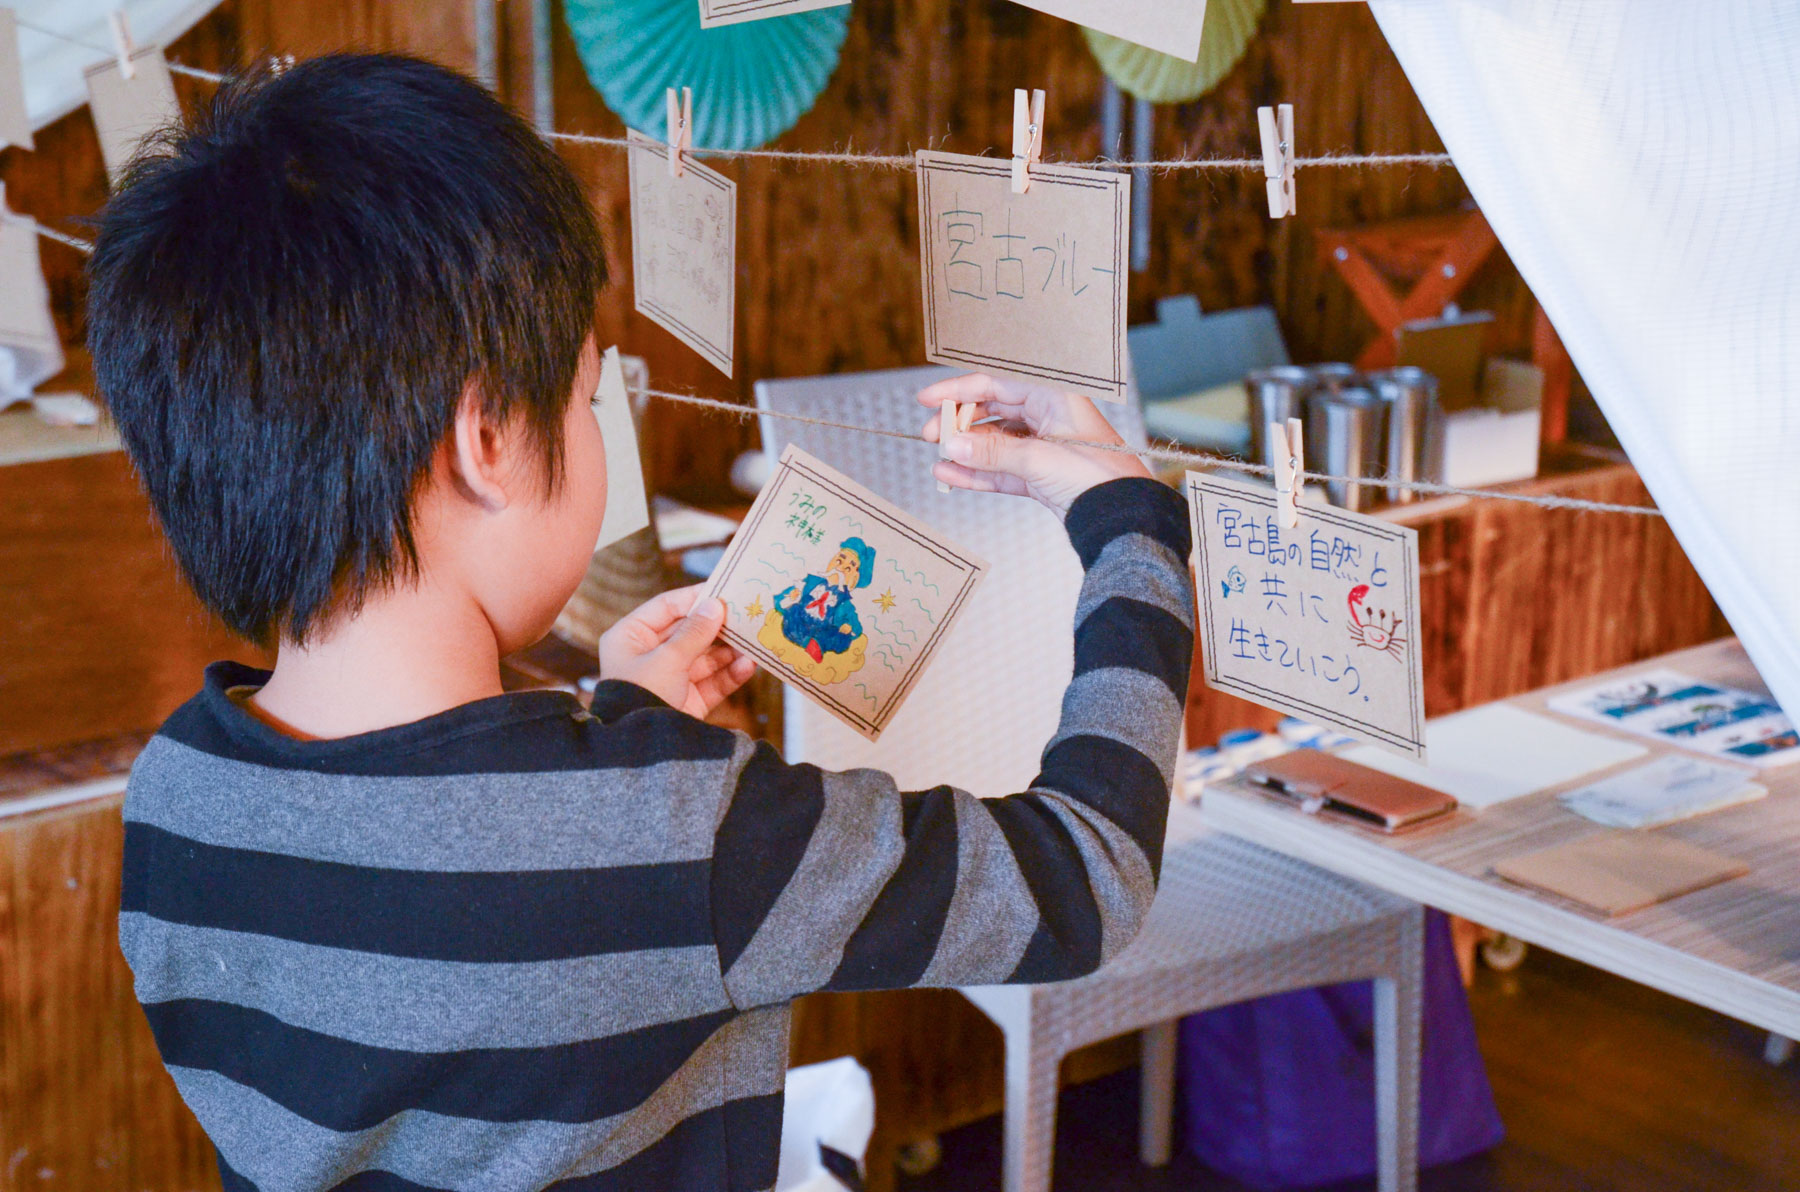 【地域おこし協力隊イベント】未来をみつめるエコカフェ